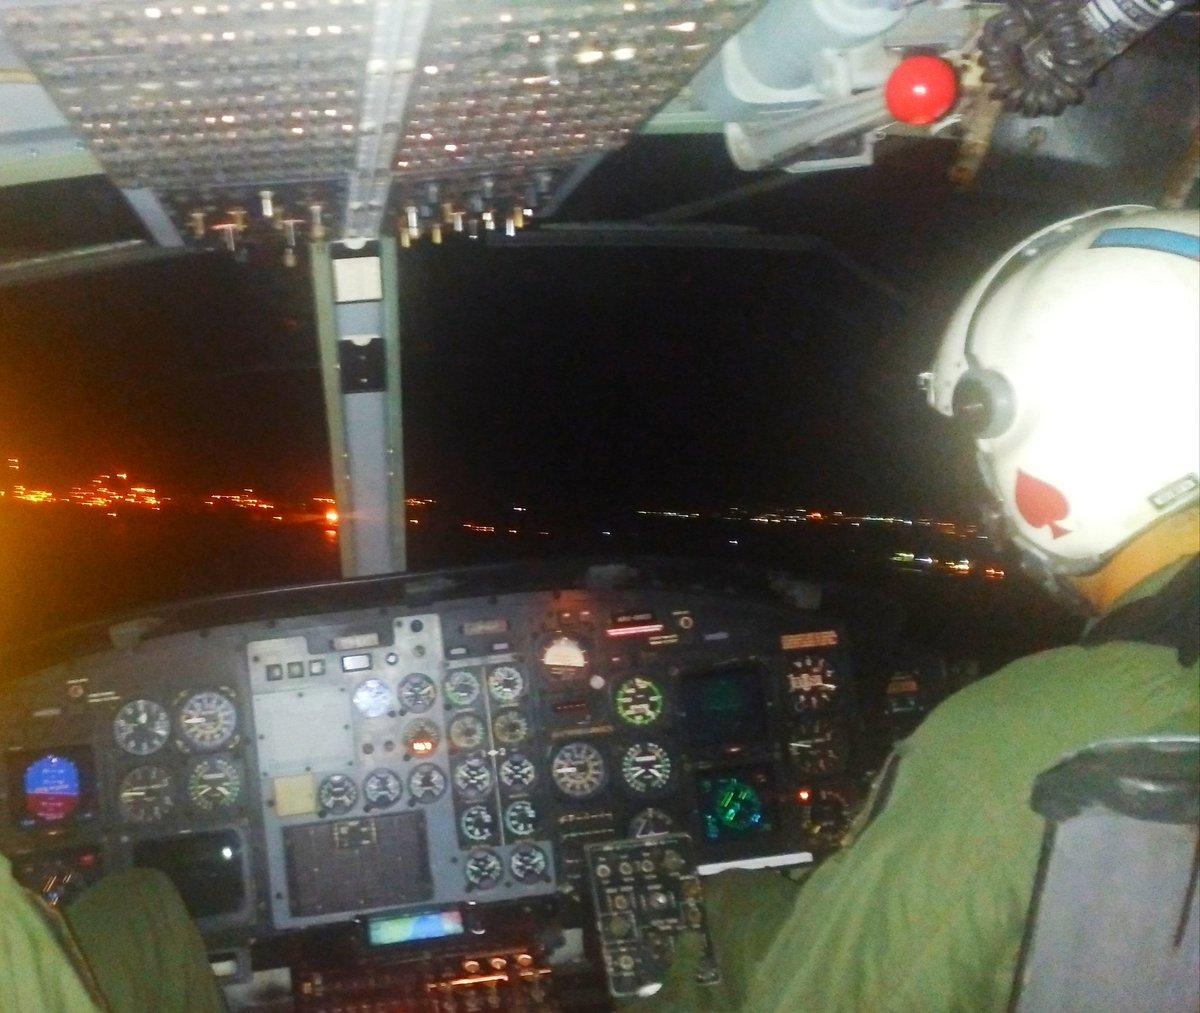 #10Sep La noche de hoy, tripulantes del @ARB_CANEATA sobrevolaron el cielo de Puerto Cabello, en sus respectivo entrenamiento en Vuelo Nocturno. Seguimos fortaleciendo el espíritu de los Aviadores Navales. #VueloNocturno #VueloSeguro https://t.co/iWEO2IEUrZ